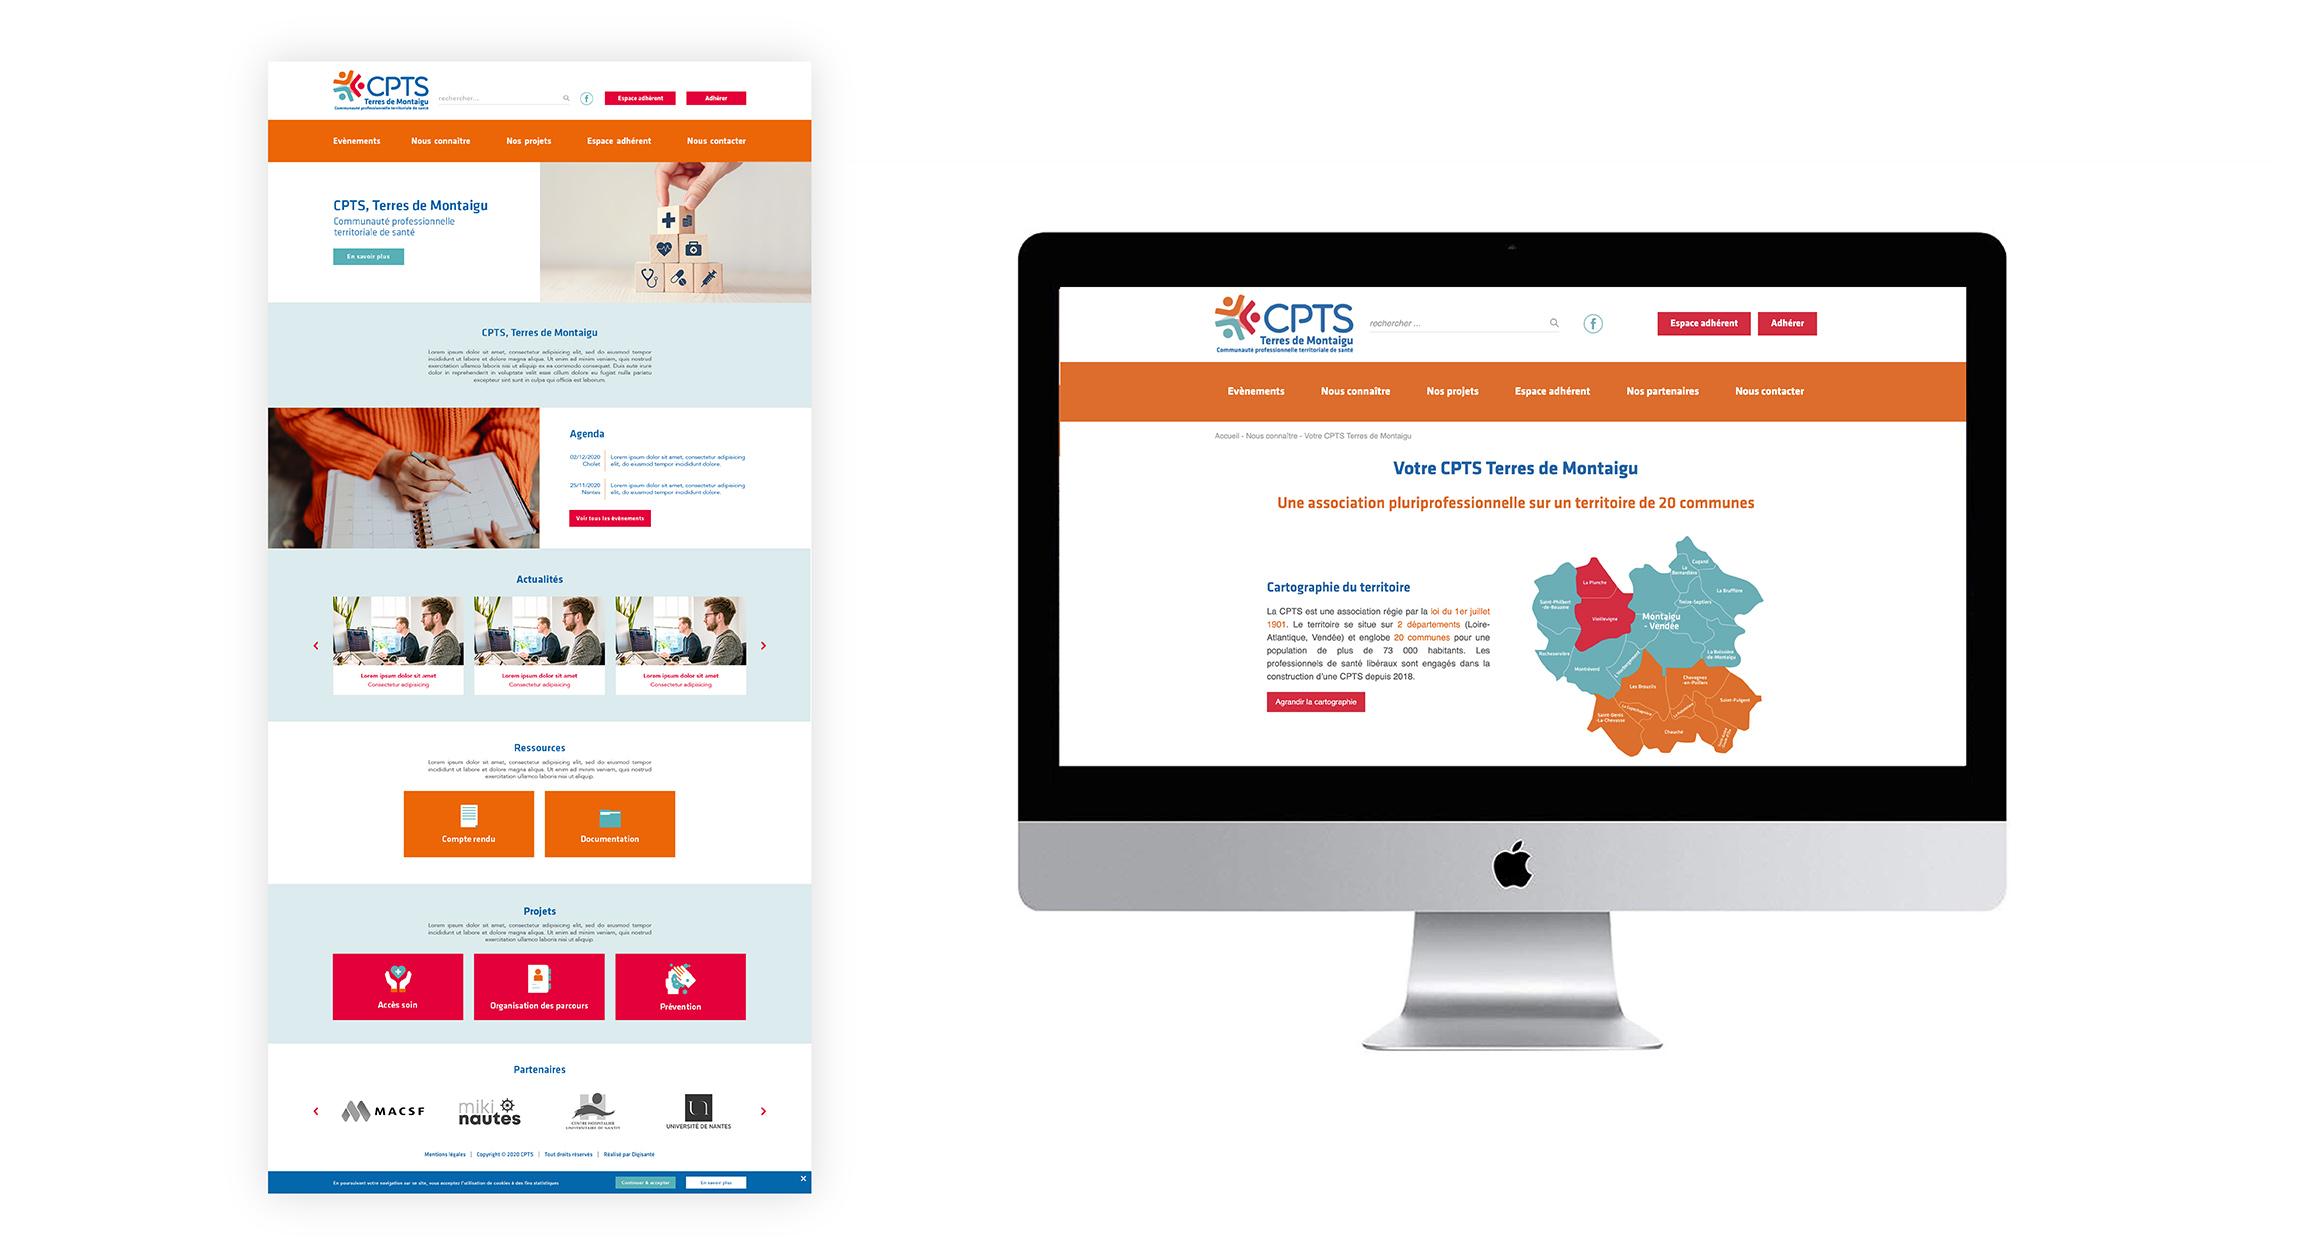 Maquettes site web CPTS Terres de Montaigu Digisanté